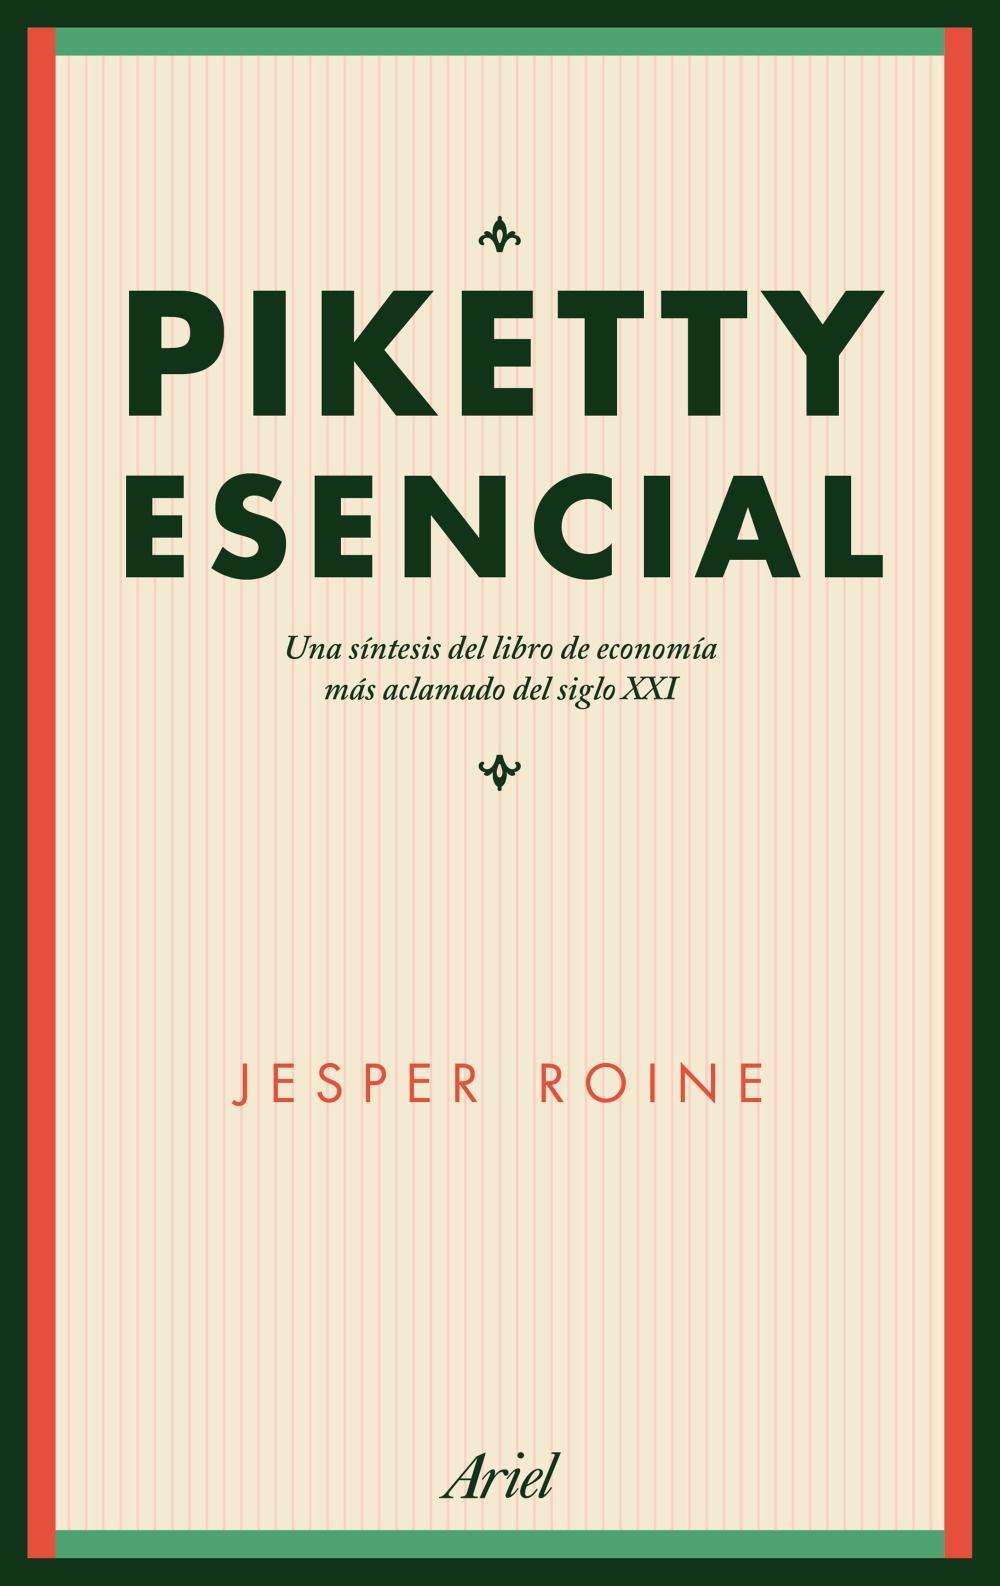 Piketty esencial